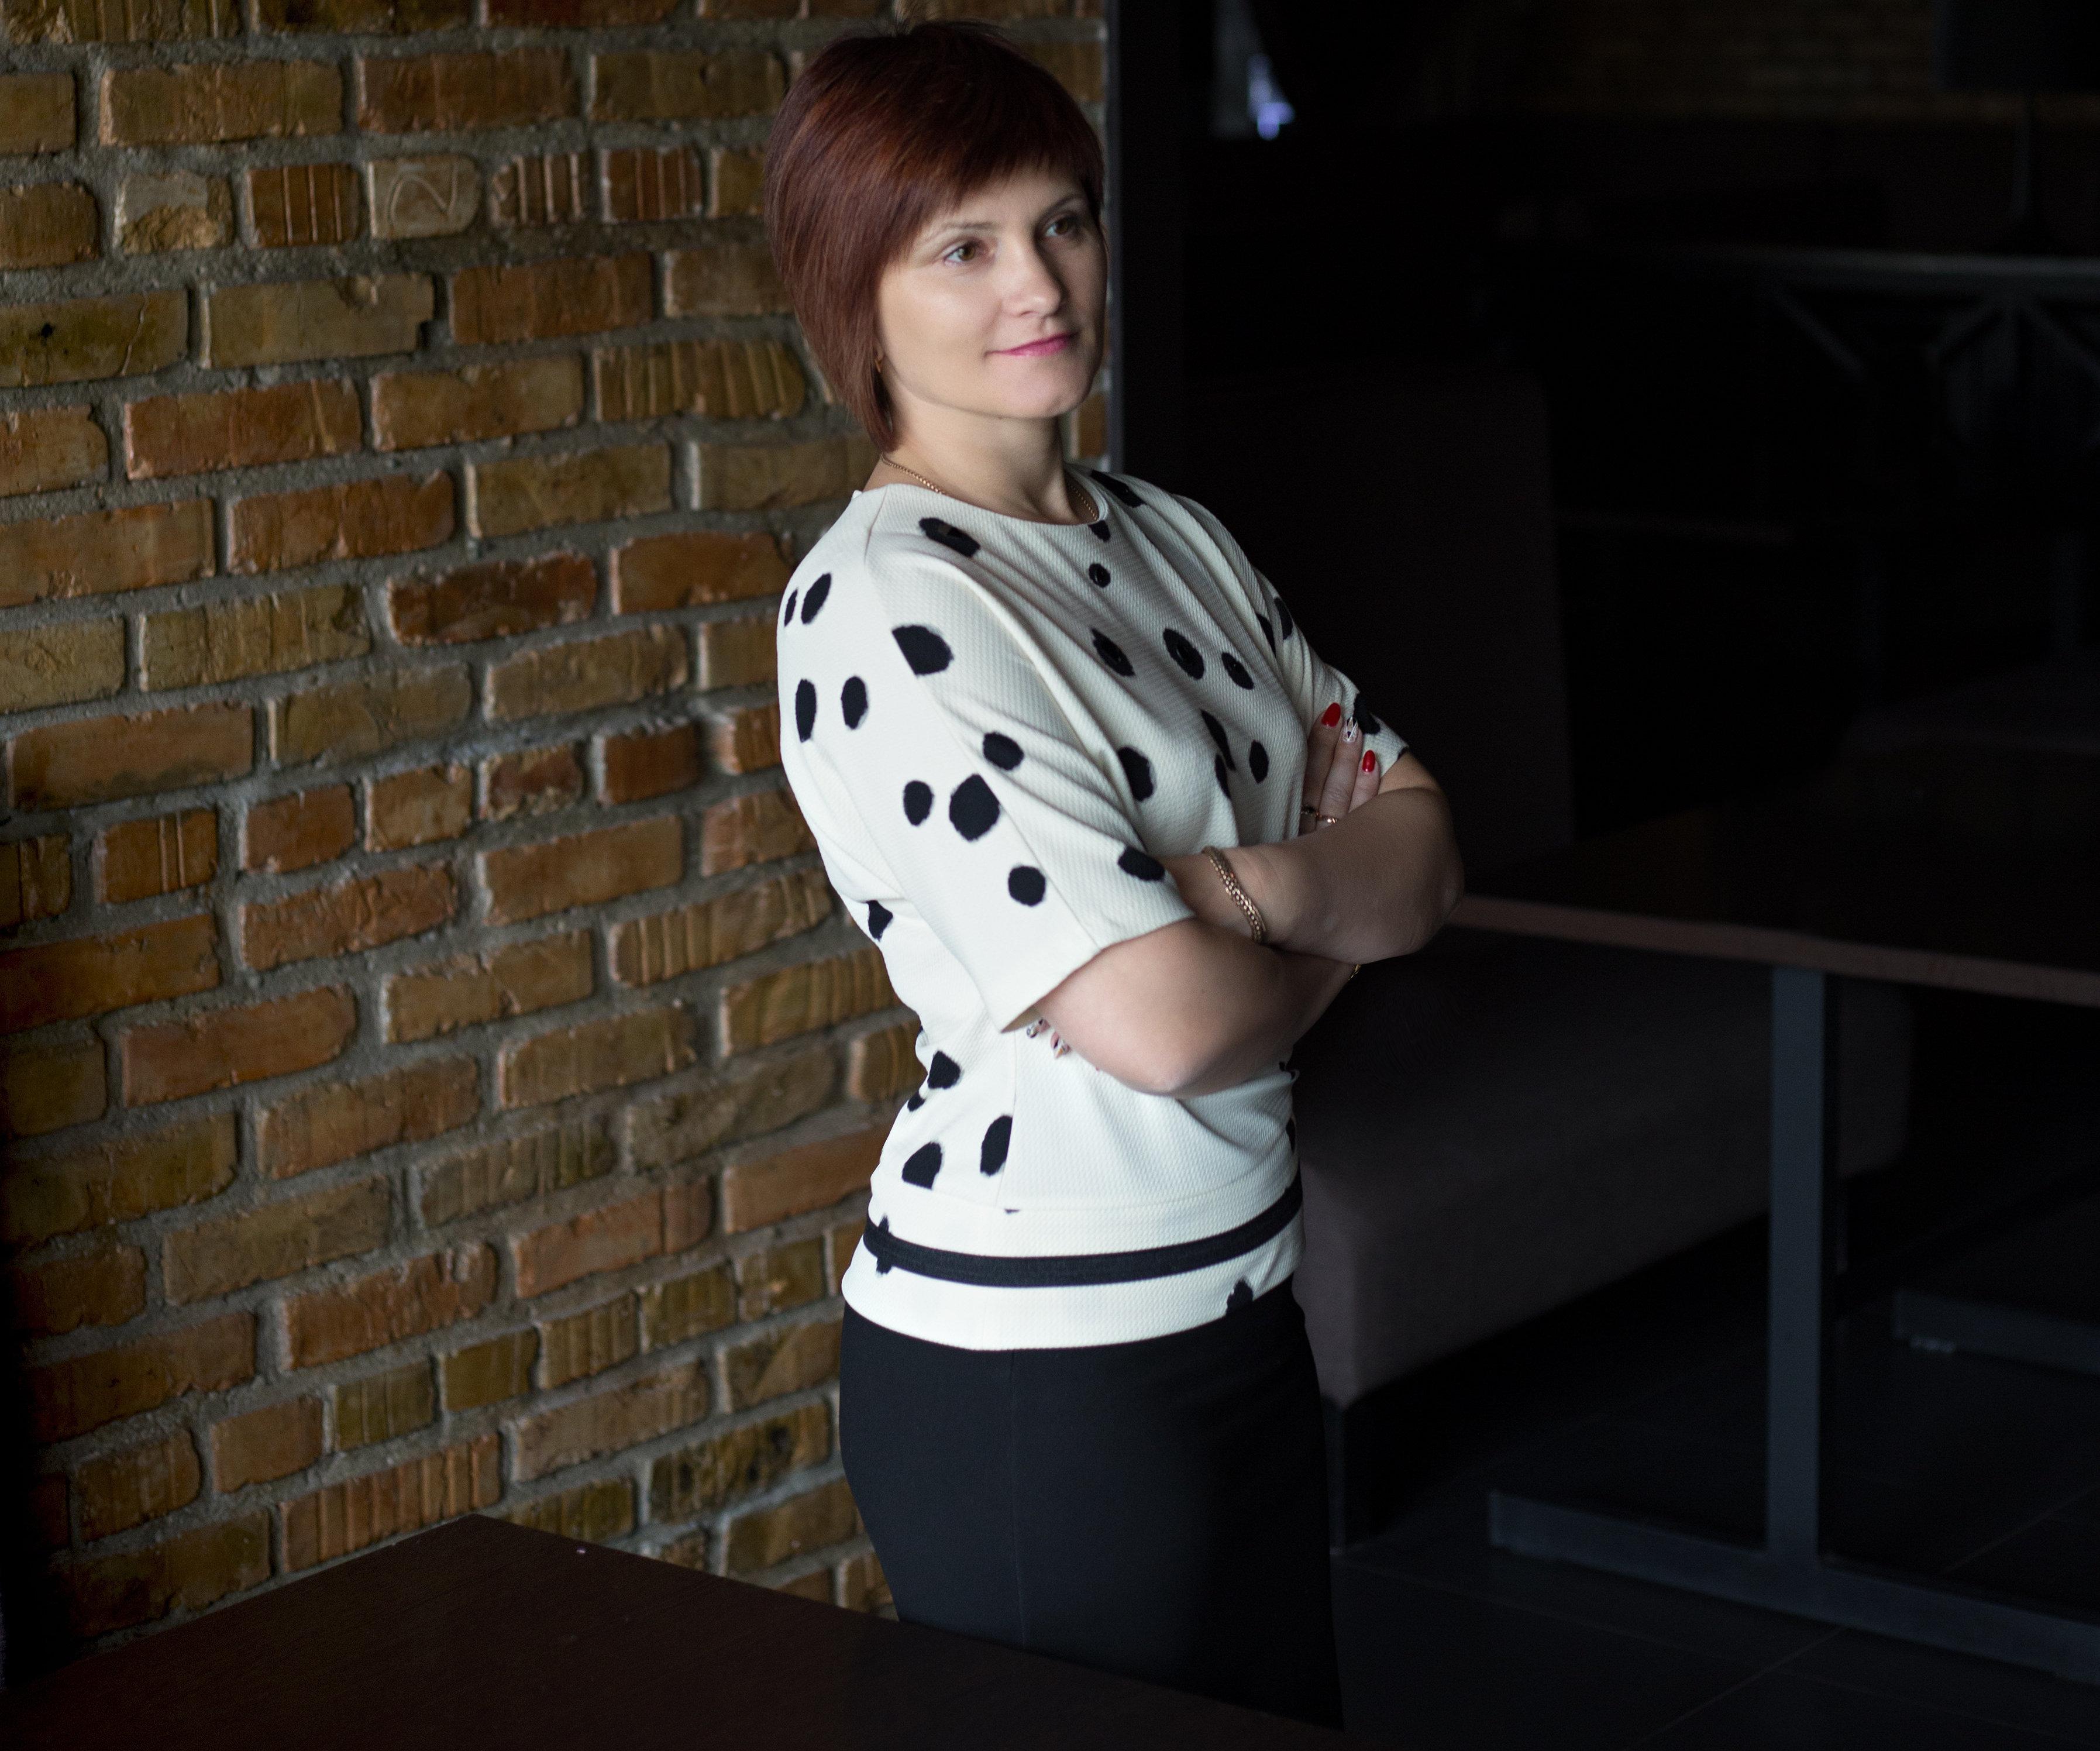 Генеральный директор сети заведений Империя пиццы Наталья Бахарева